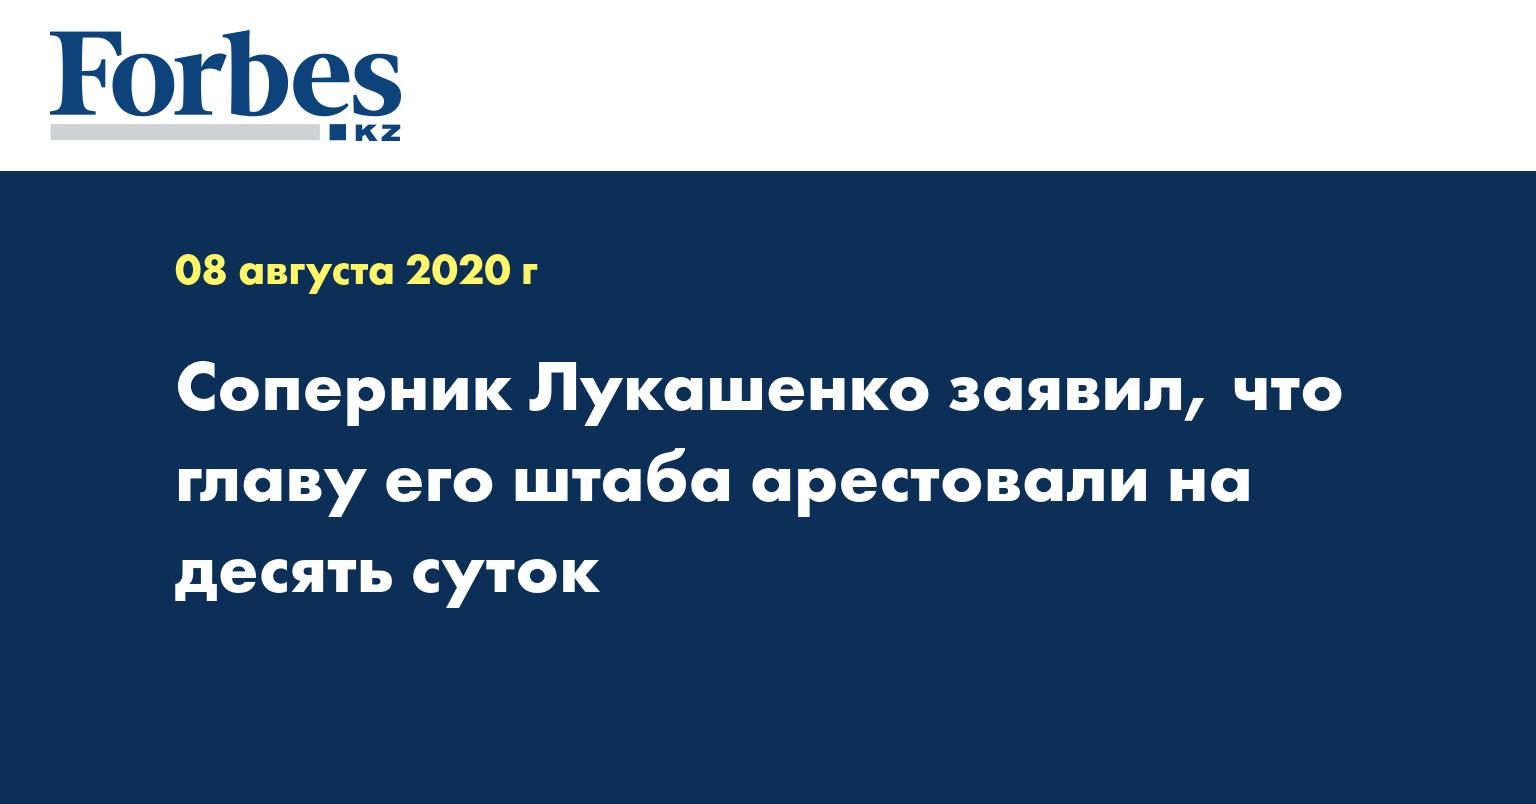 Соперник Лукашенко заявил, что главу его штаба арестовали на десять суток